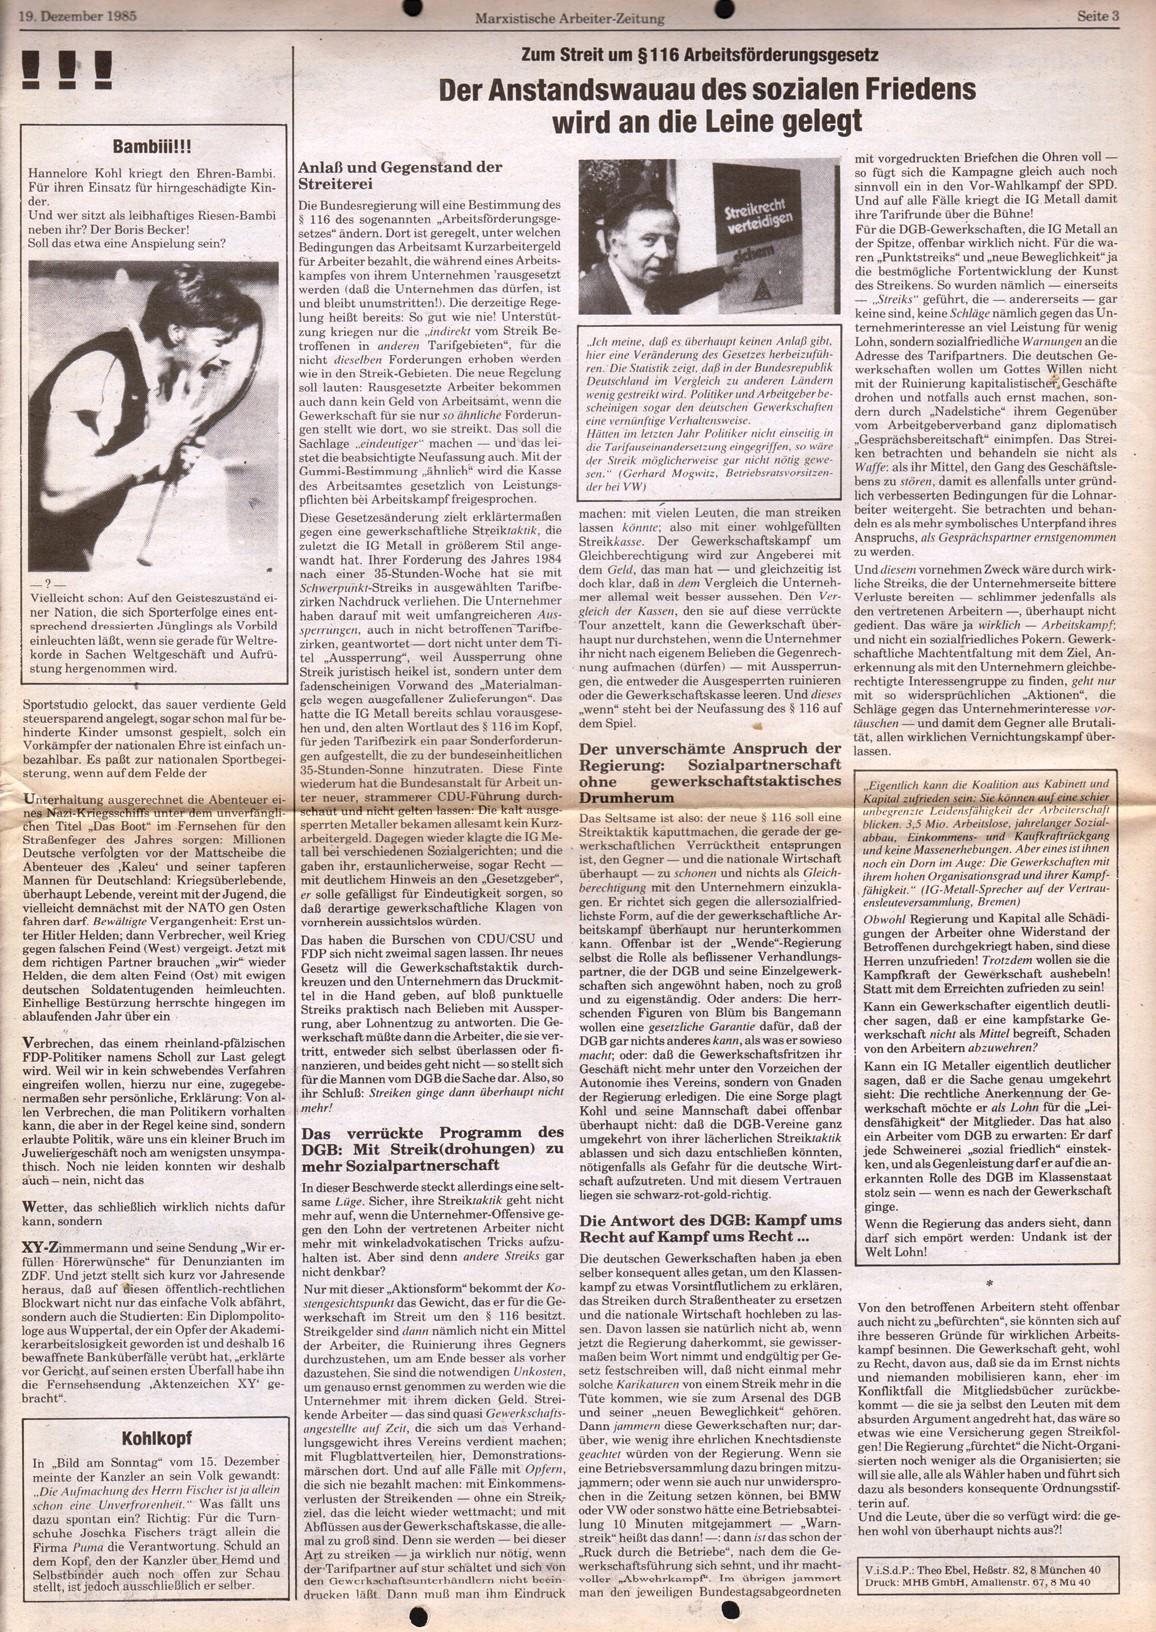 Muenchen_MG_MAZ_Versicherungen_19851219_03